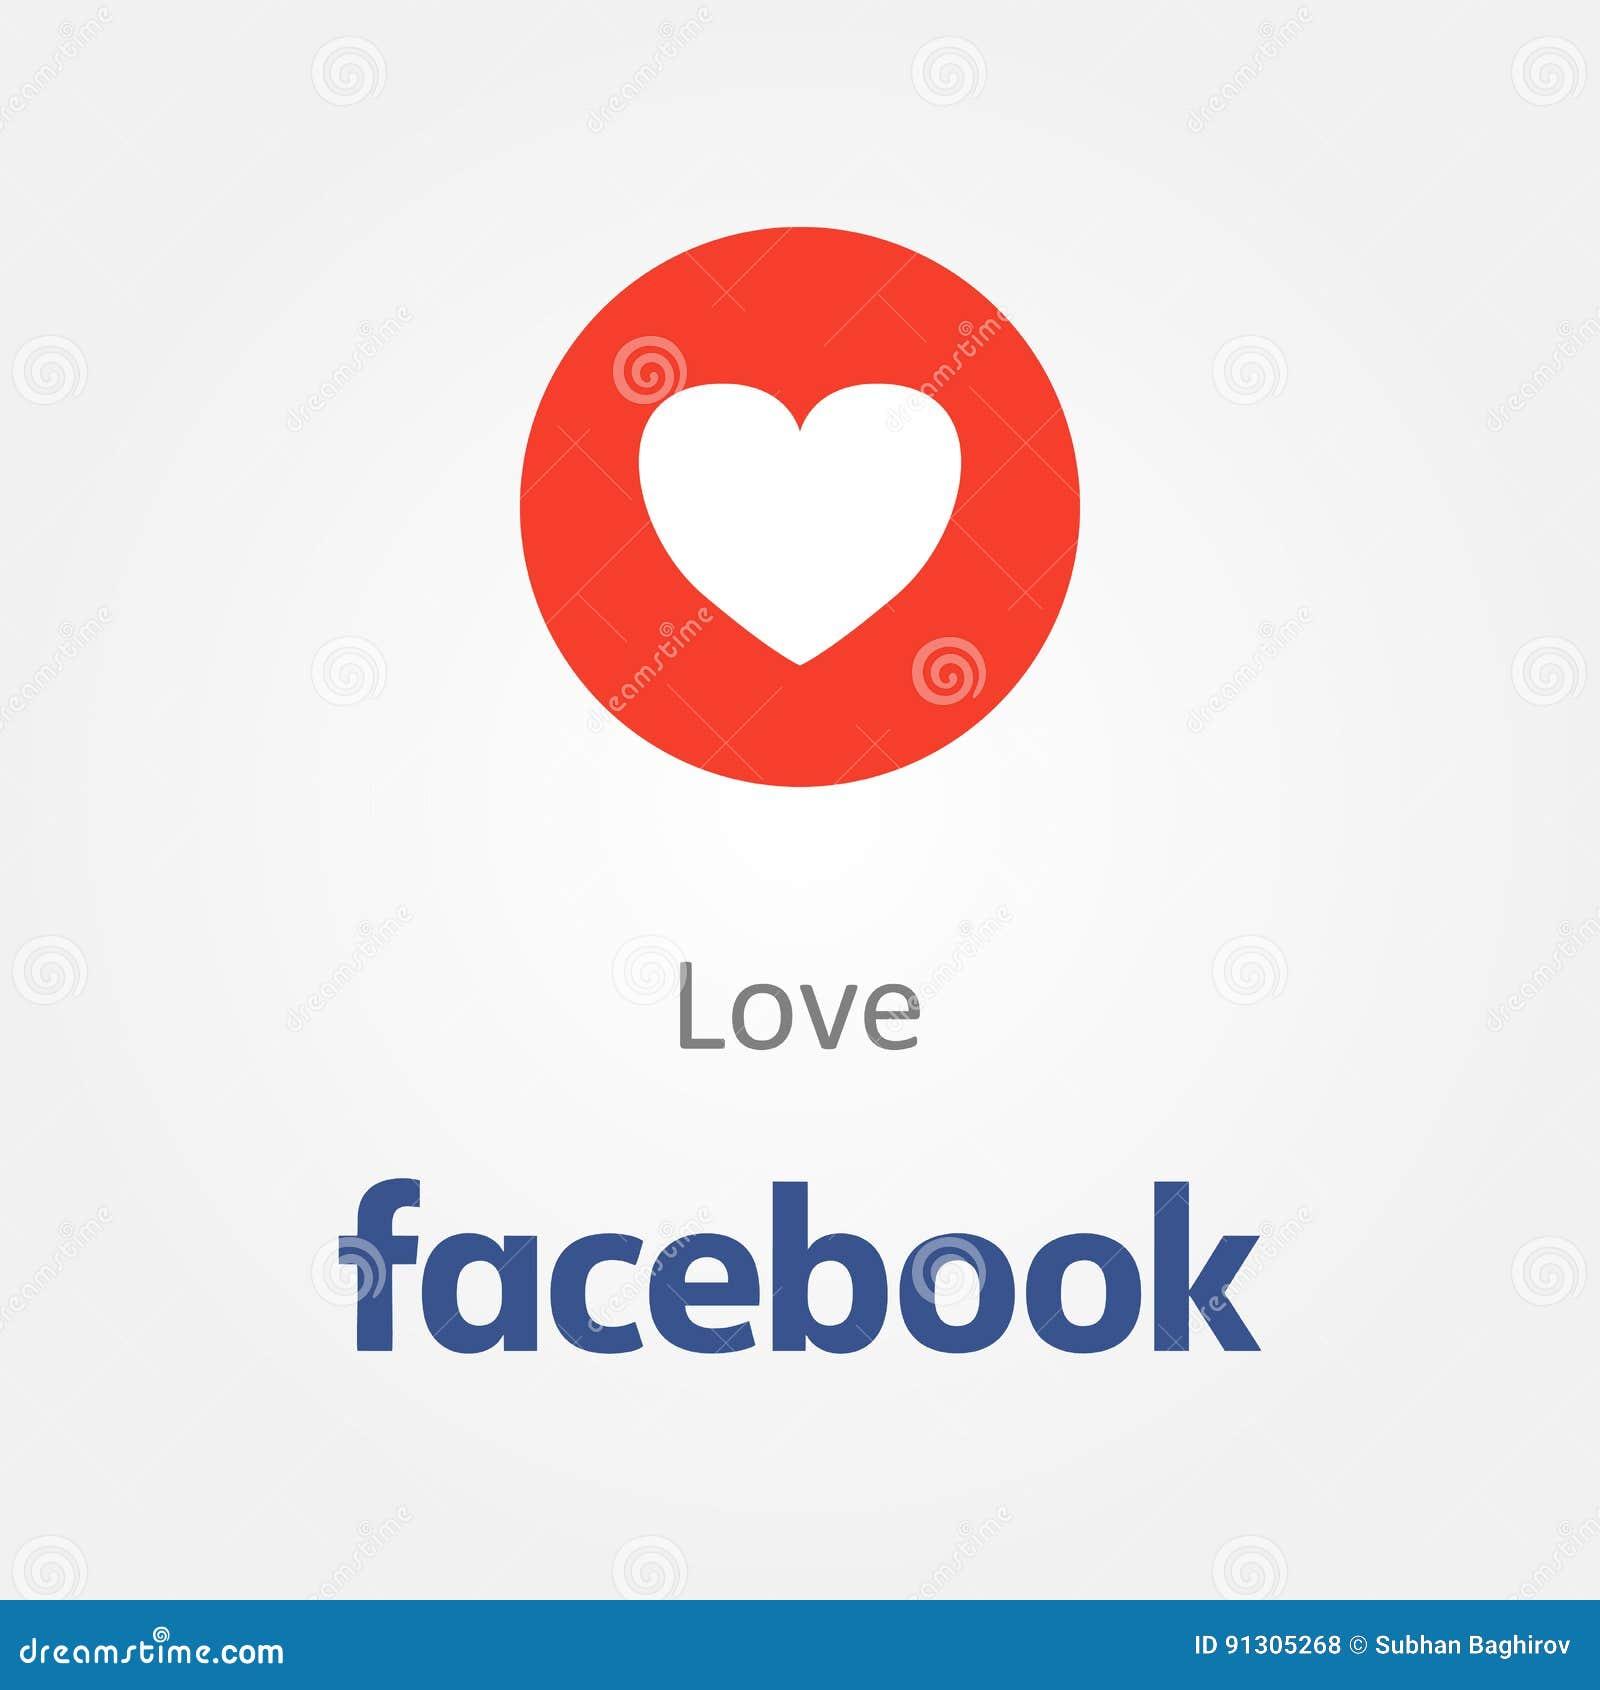 Facebook Emotion Icon Love Heart Emoji Vector Editorial Stock Photo